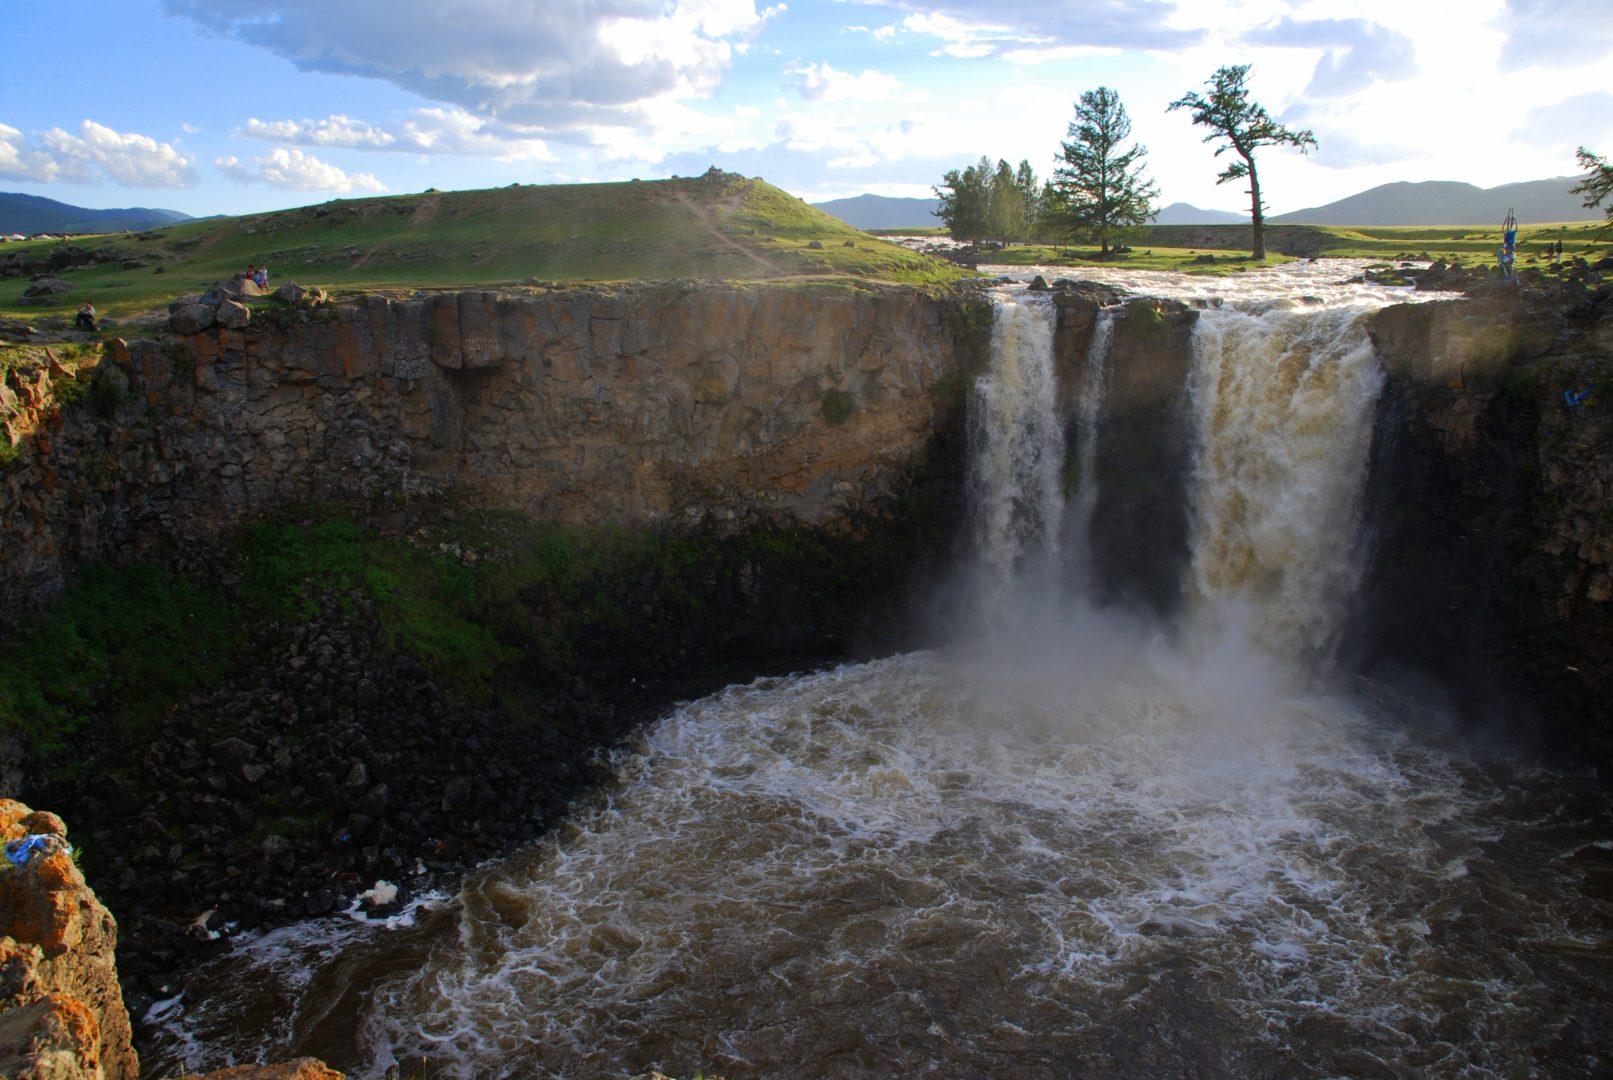 Ulaan-Wasserfall am Orchon-Tal